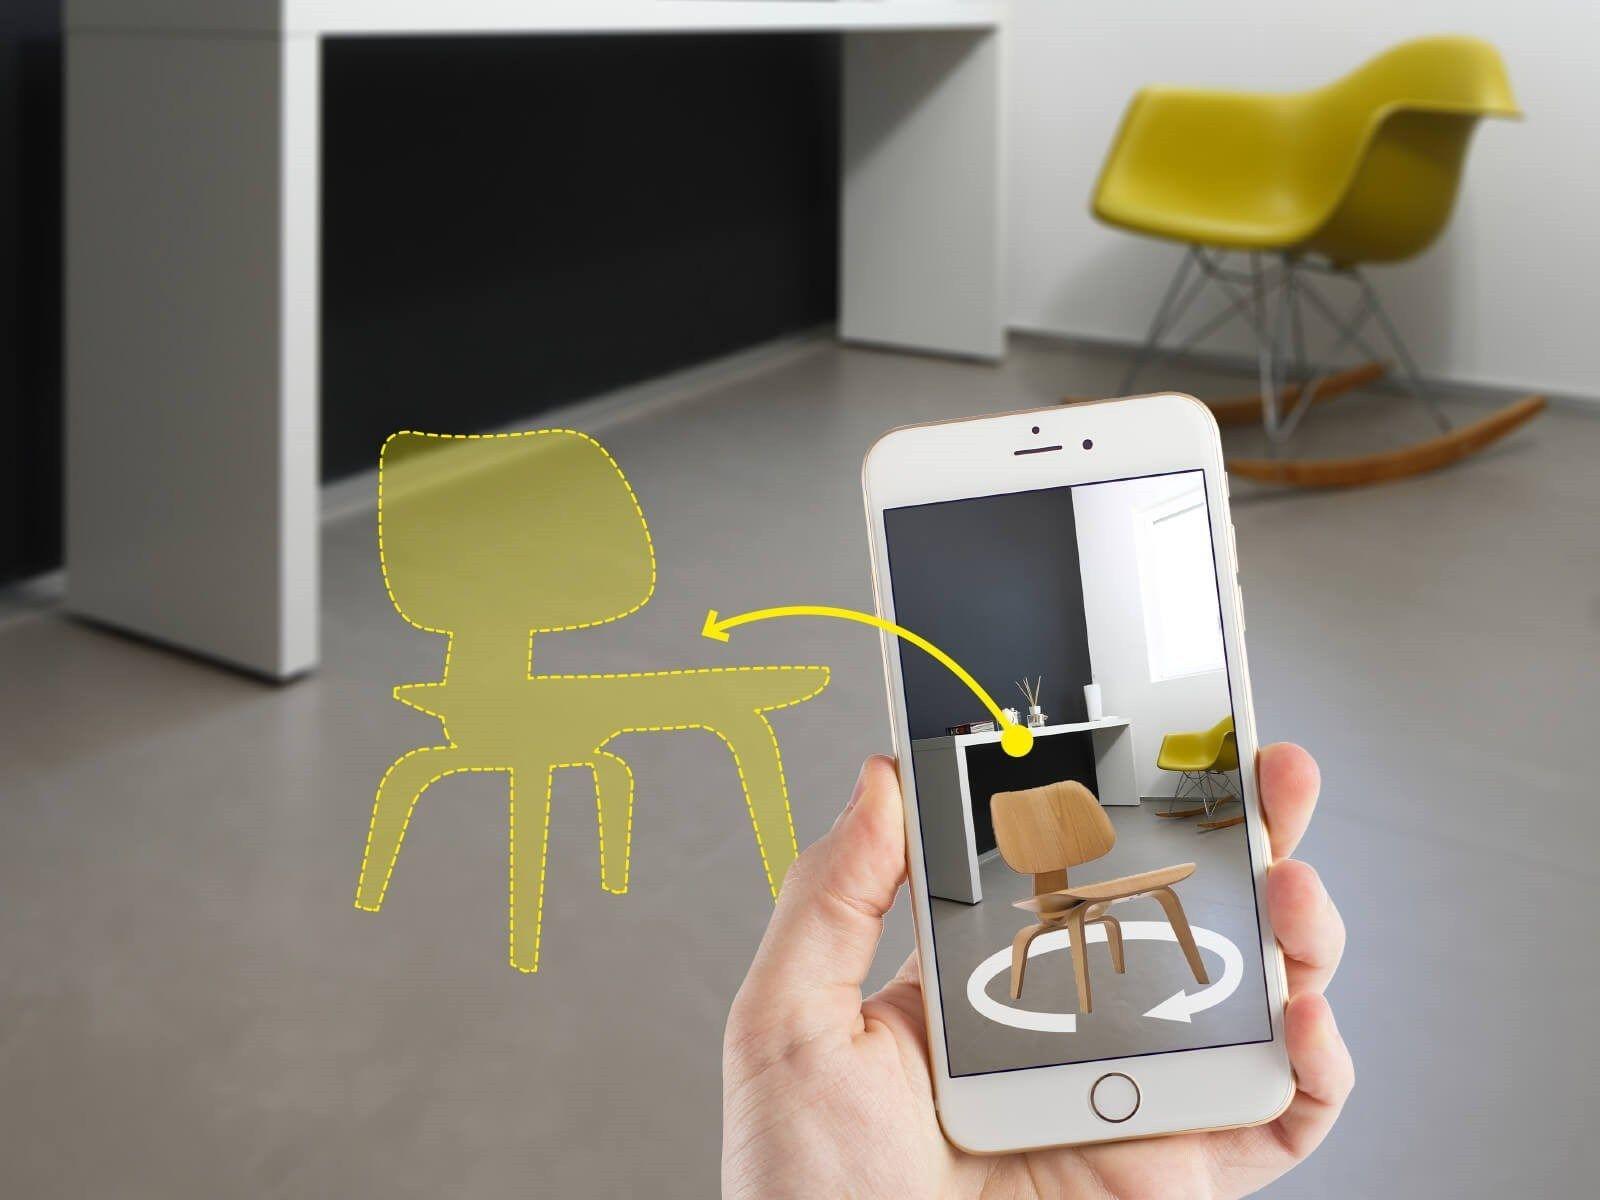 Il futuro dell'interior design è in Realtà Aumentata